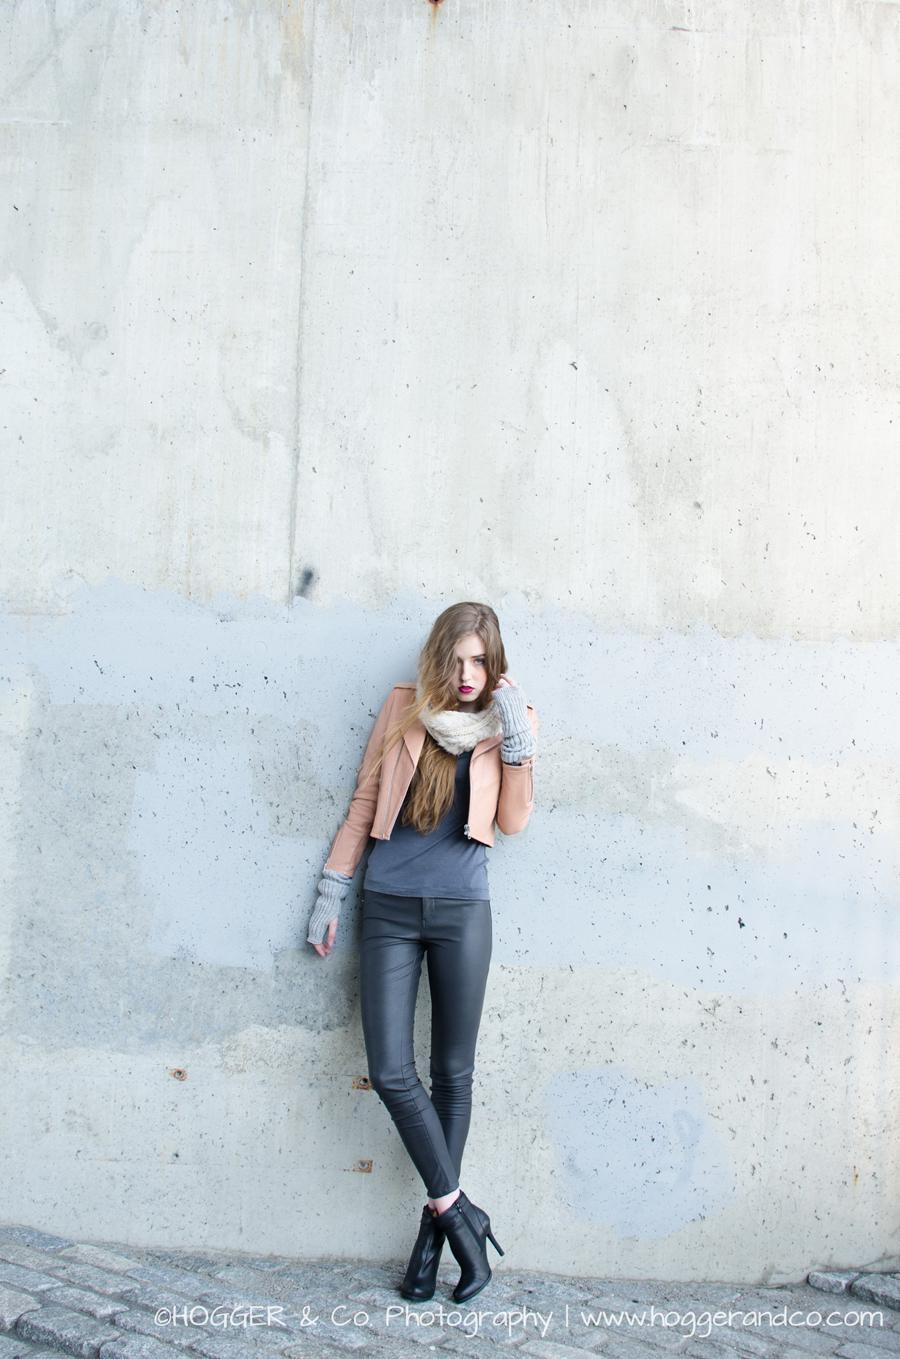 BriahnaGilbert_©HOGGER&Co._blog_title_003.jpg